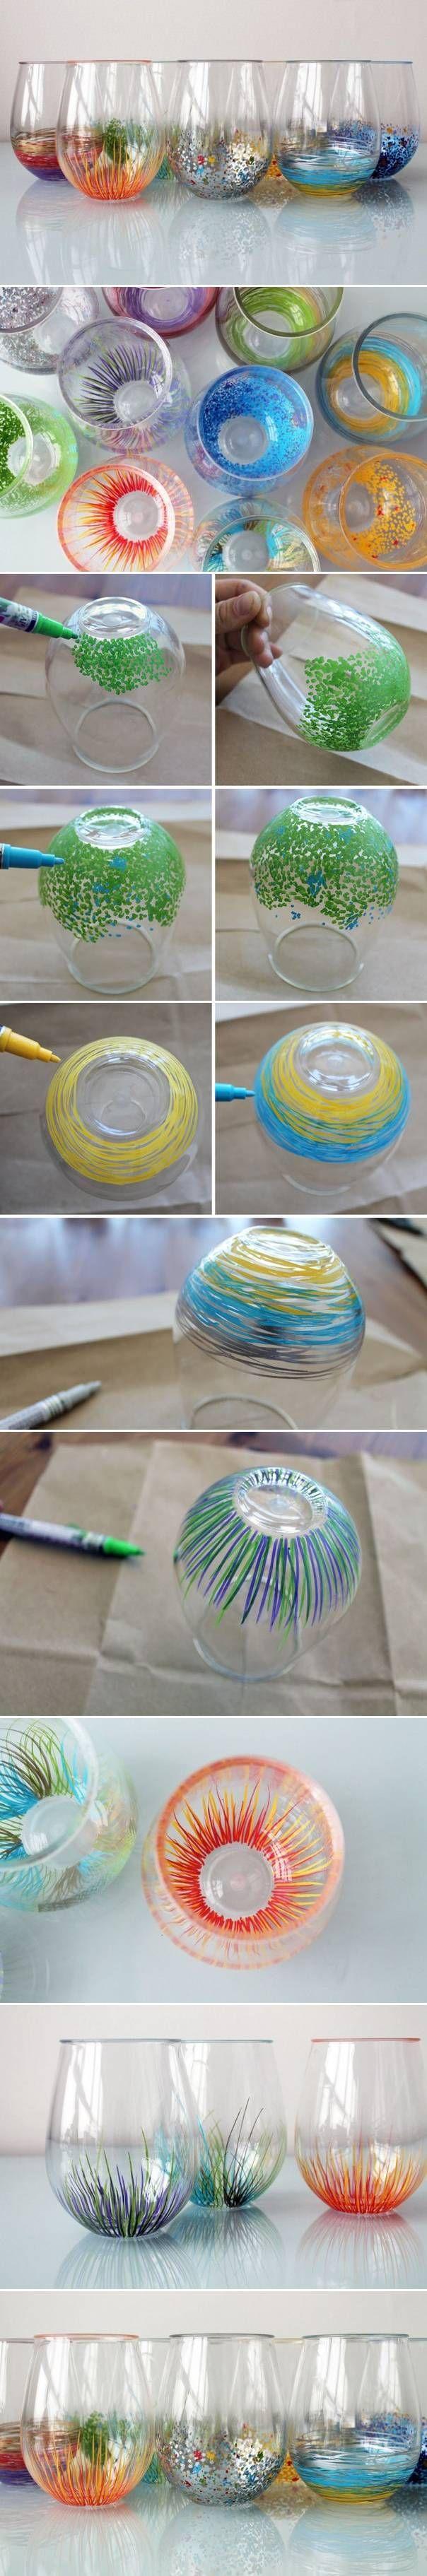 DIY Bright Color Vase Decor DIY Projects | UsefulDIY.com